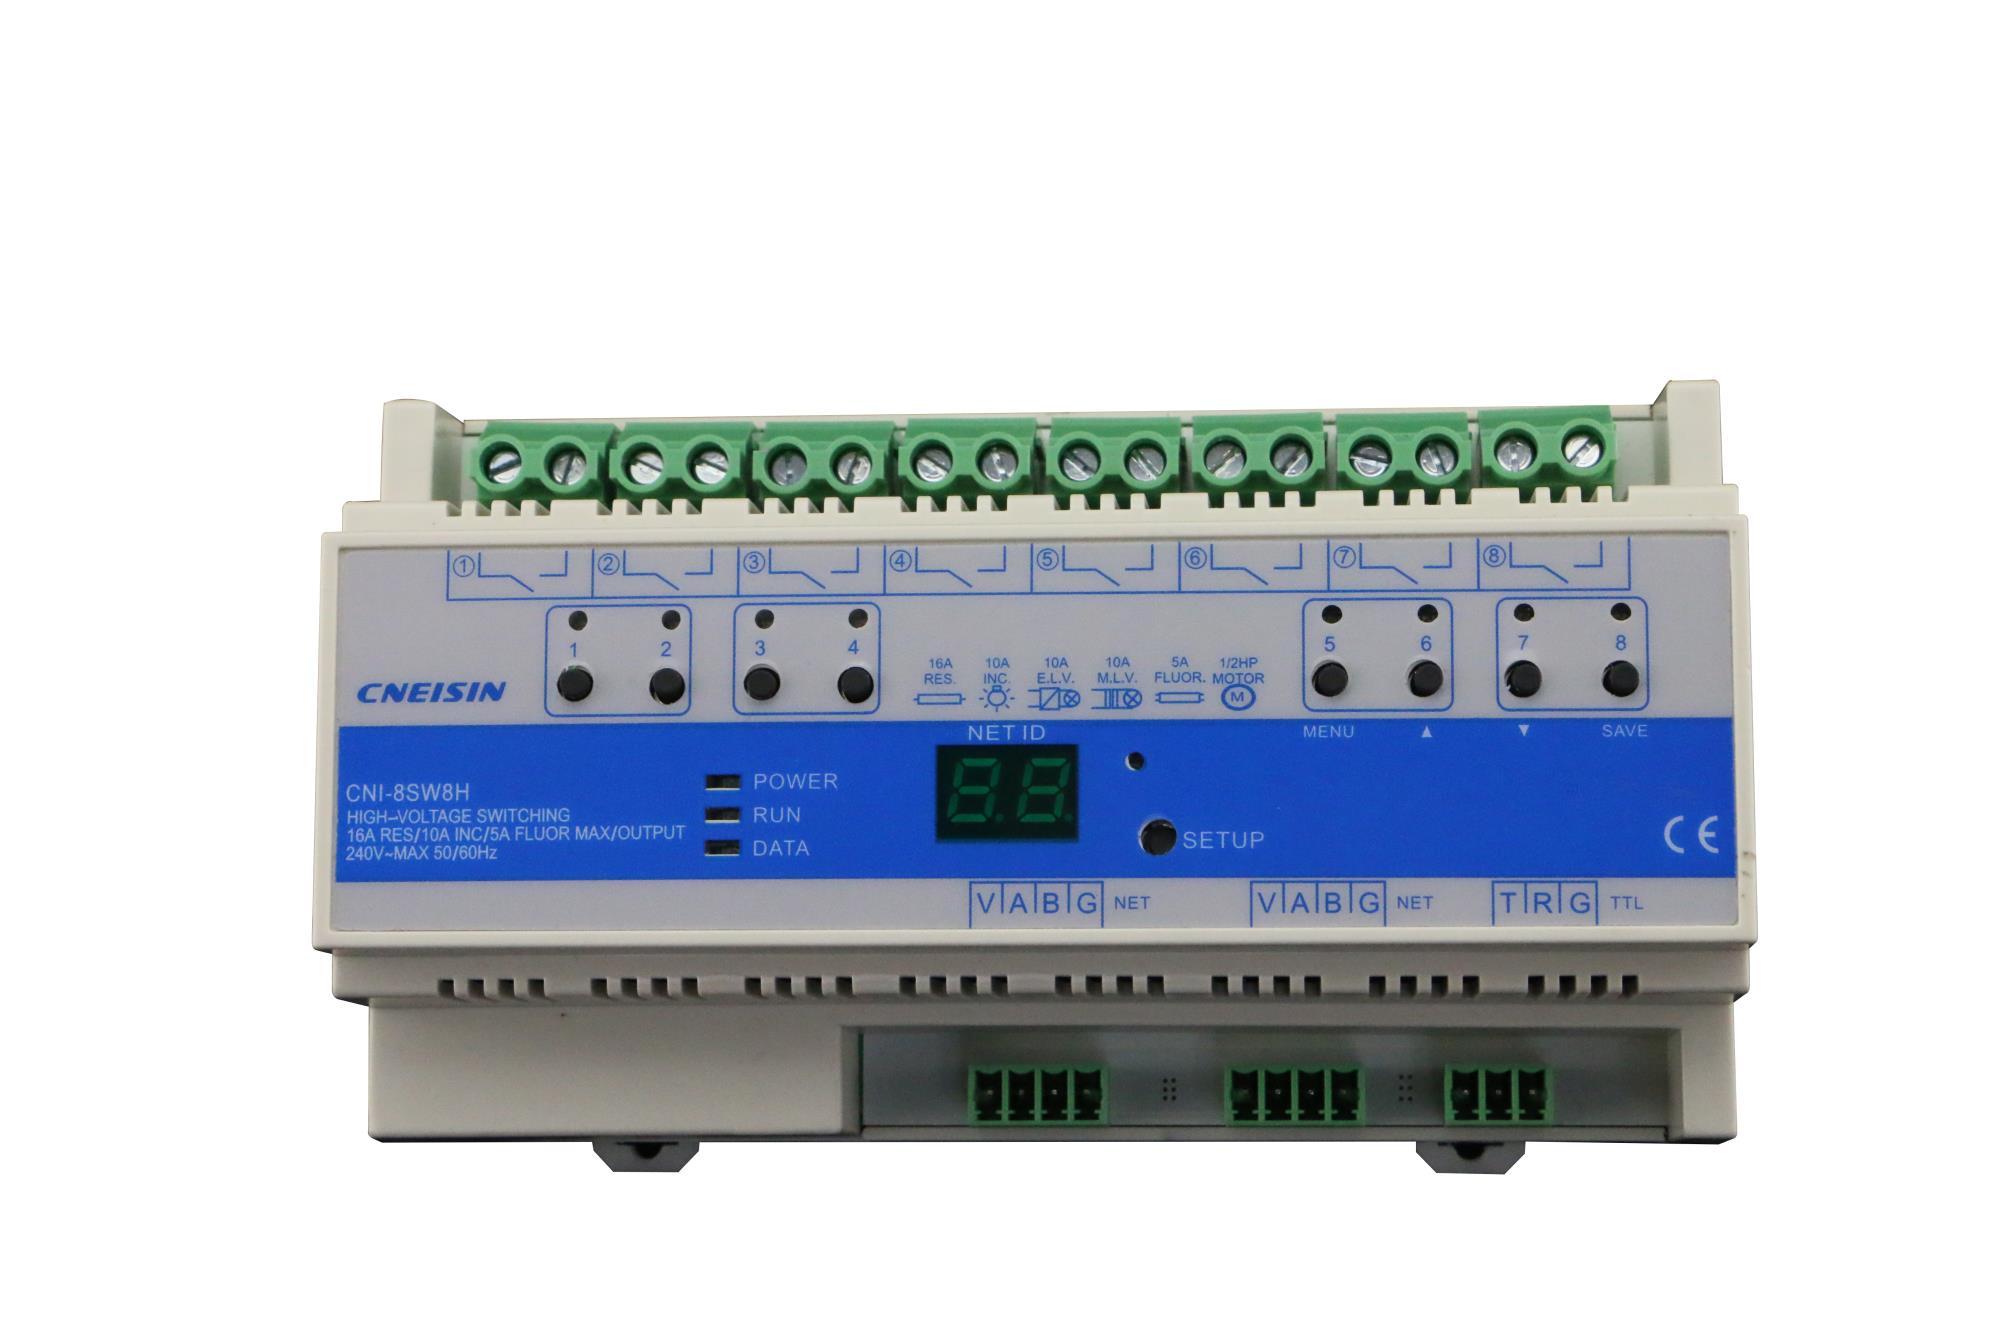 8路继电器模块4648 - 副本.jpg